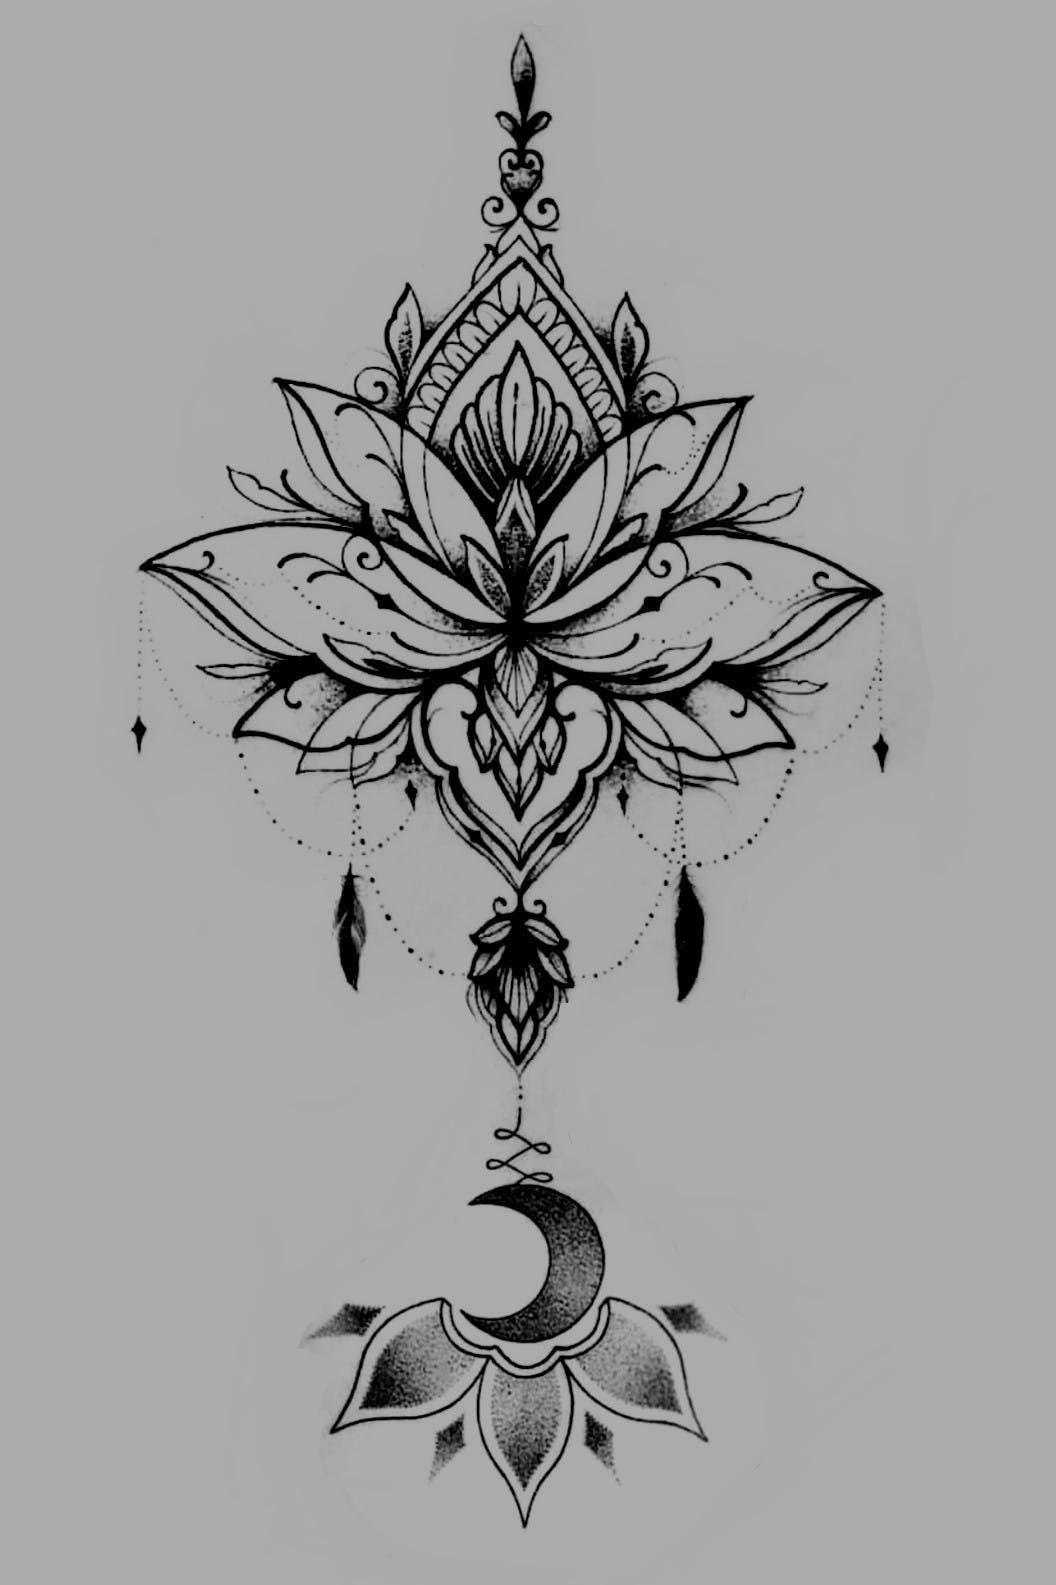 Tattoodo Mandala Tattoo Design Lotus Mandala Tattoo Lotus Tattoo Design